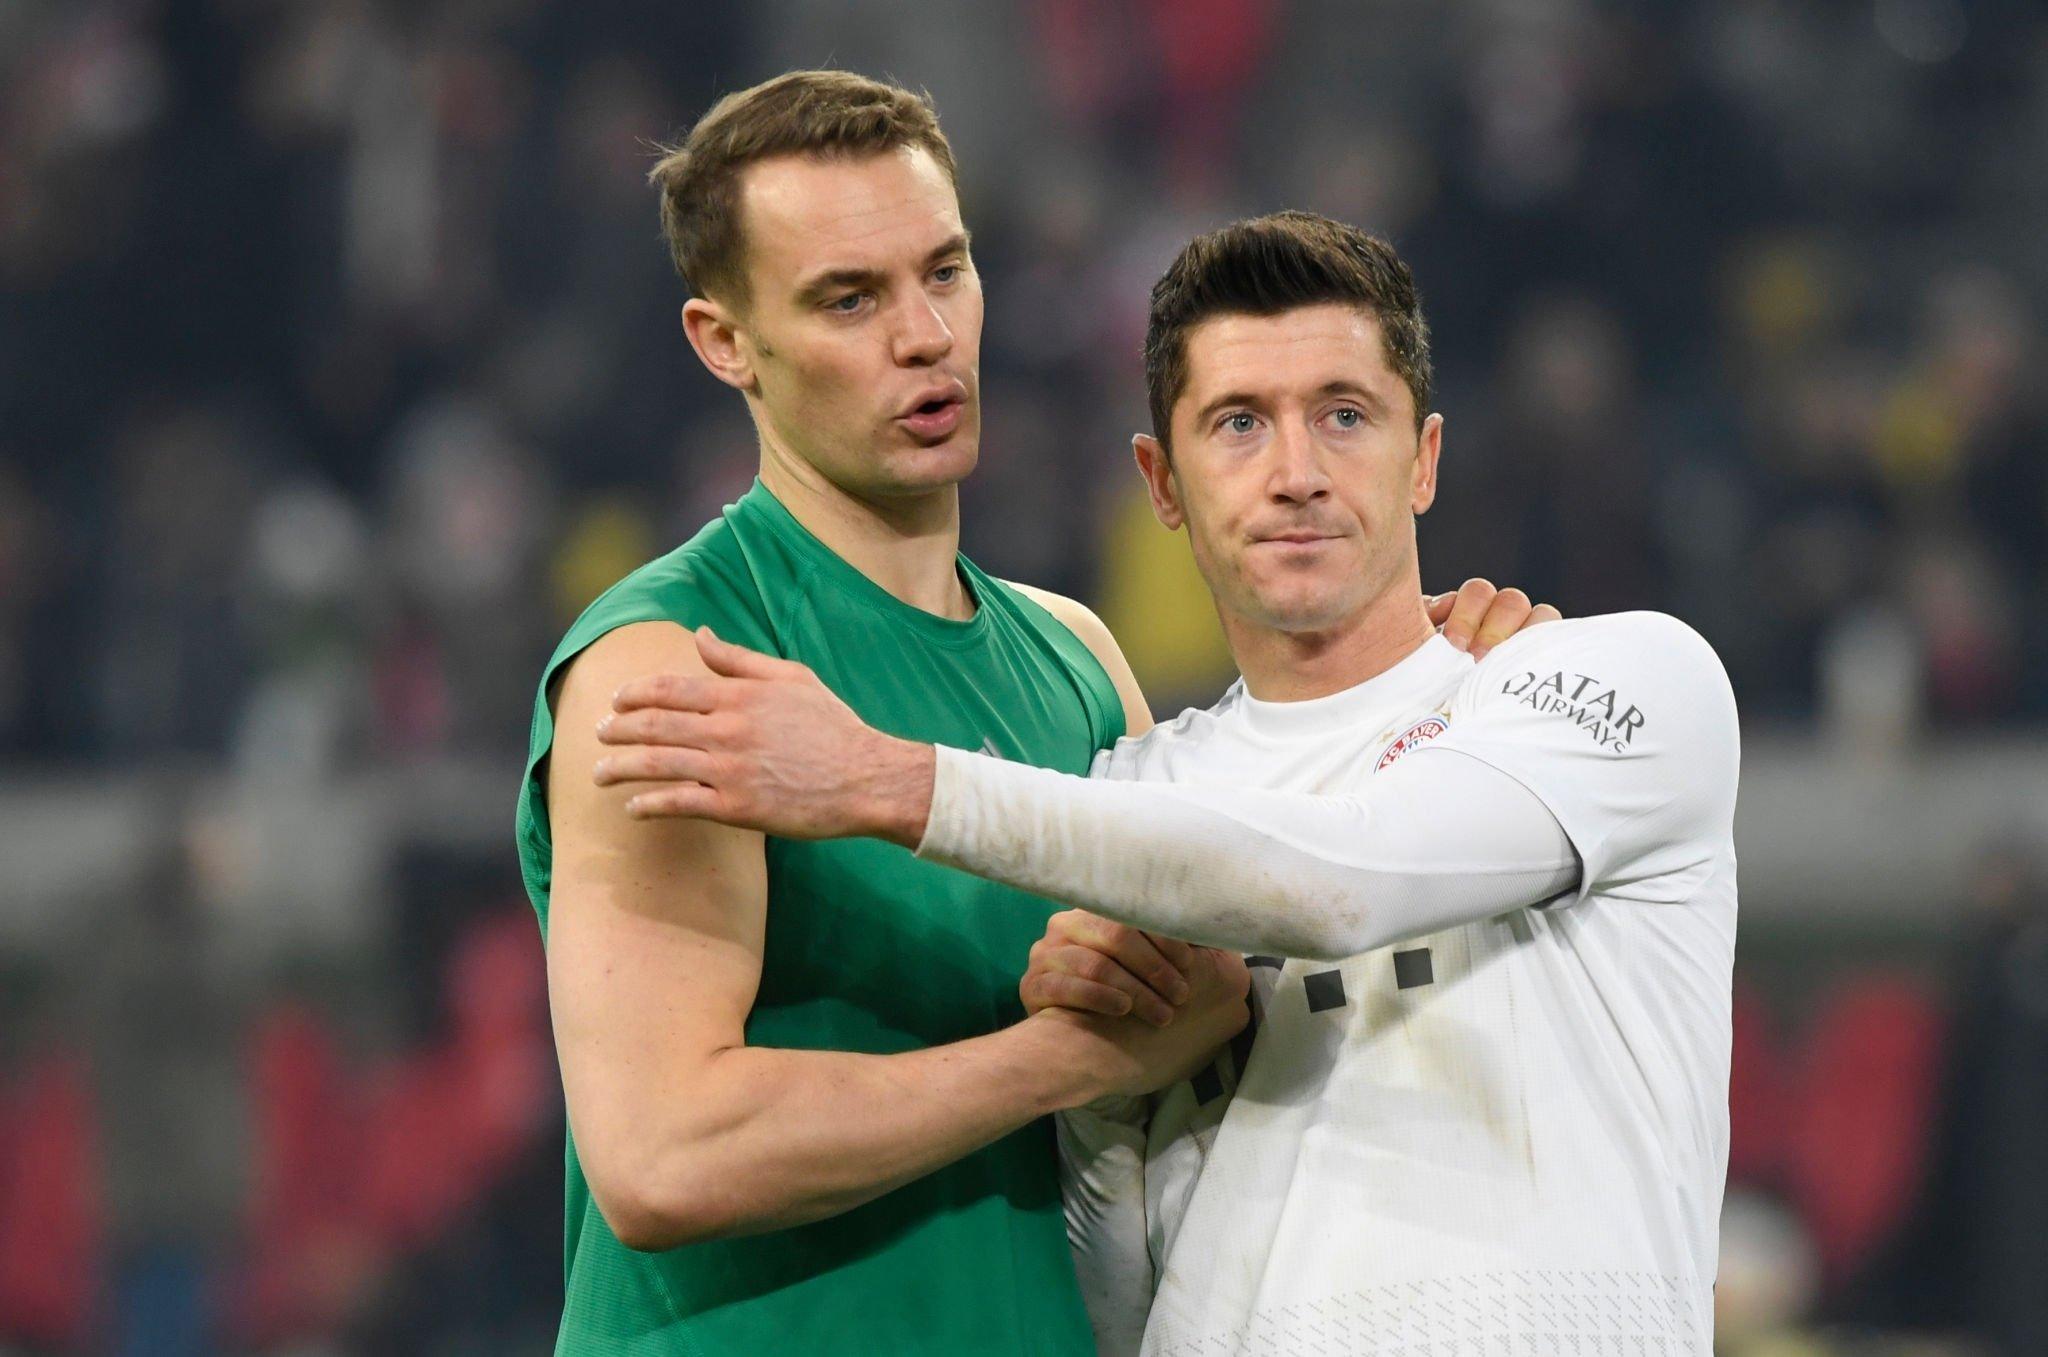 Бундеслига. Поражение лидера, Бавария забила четыре гола Фортуне, Вольфсбург пришел в себя - изображение 1